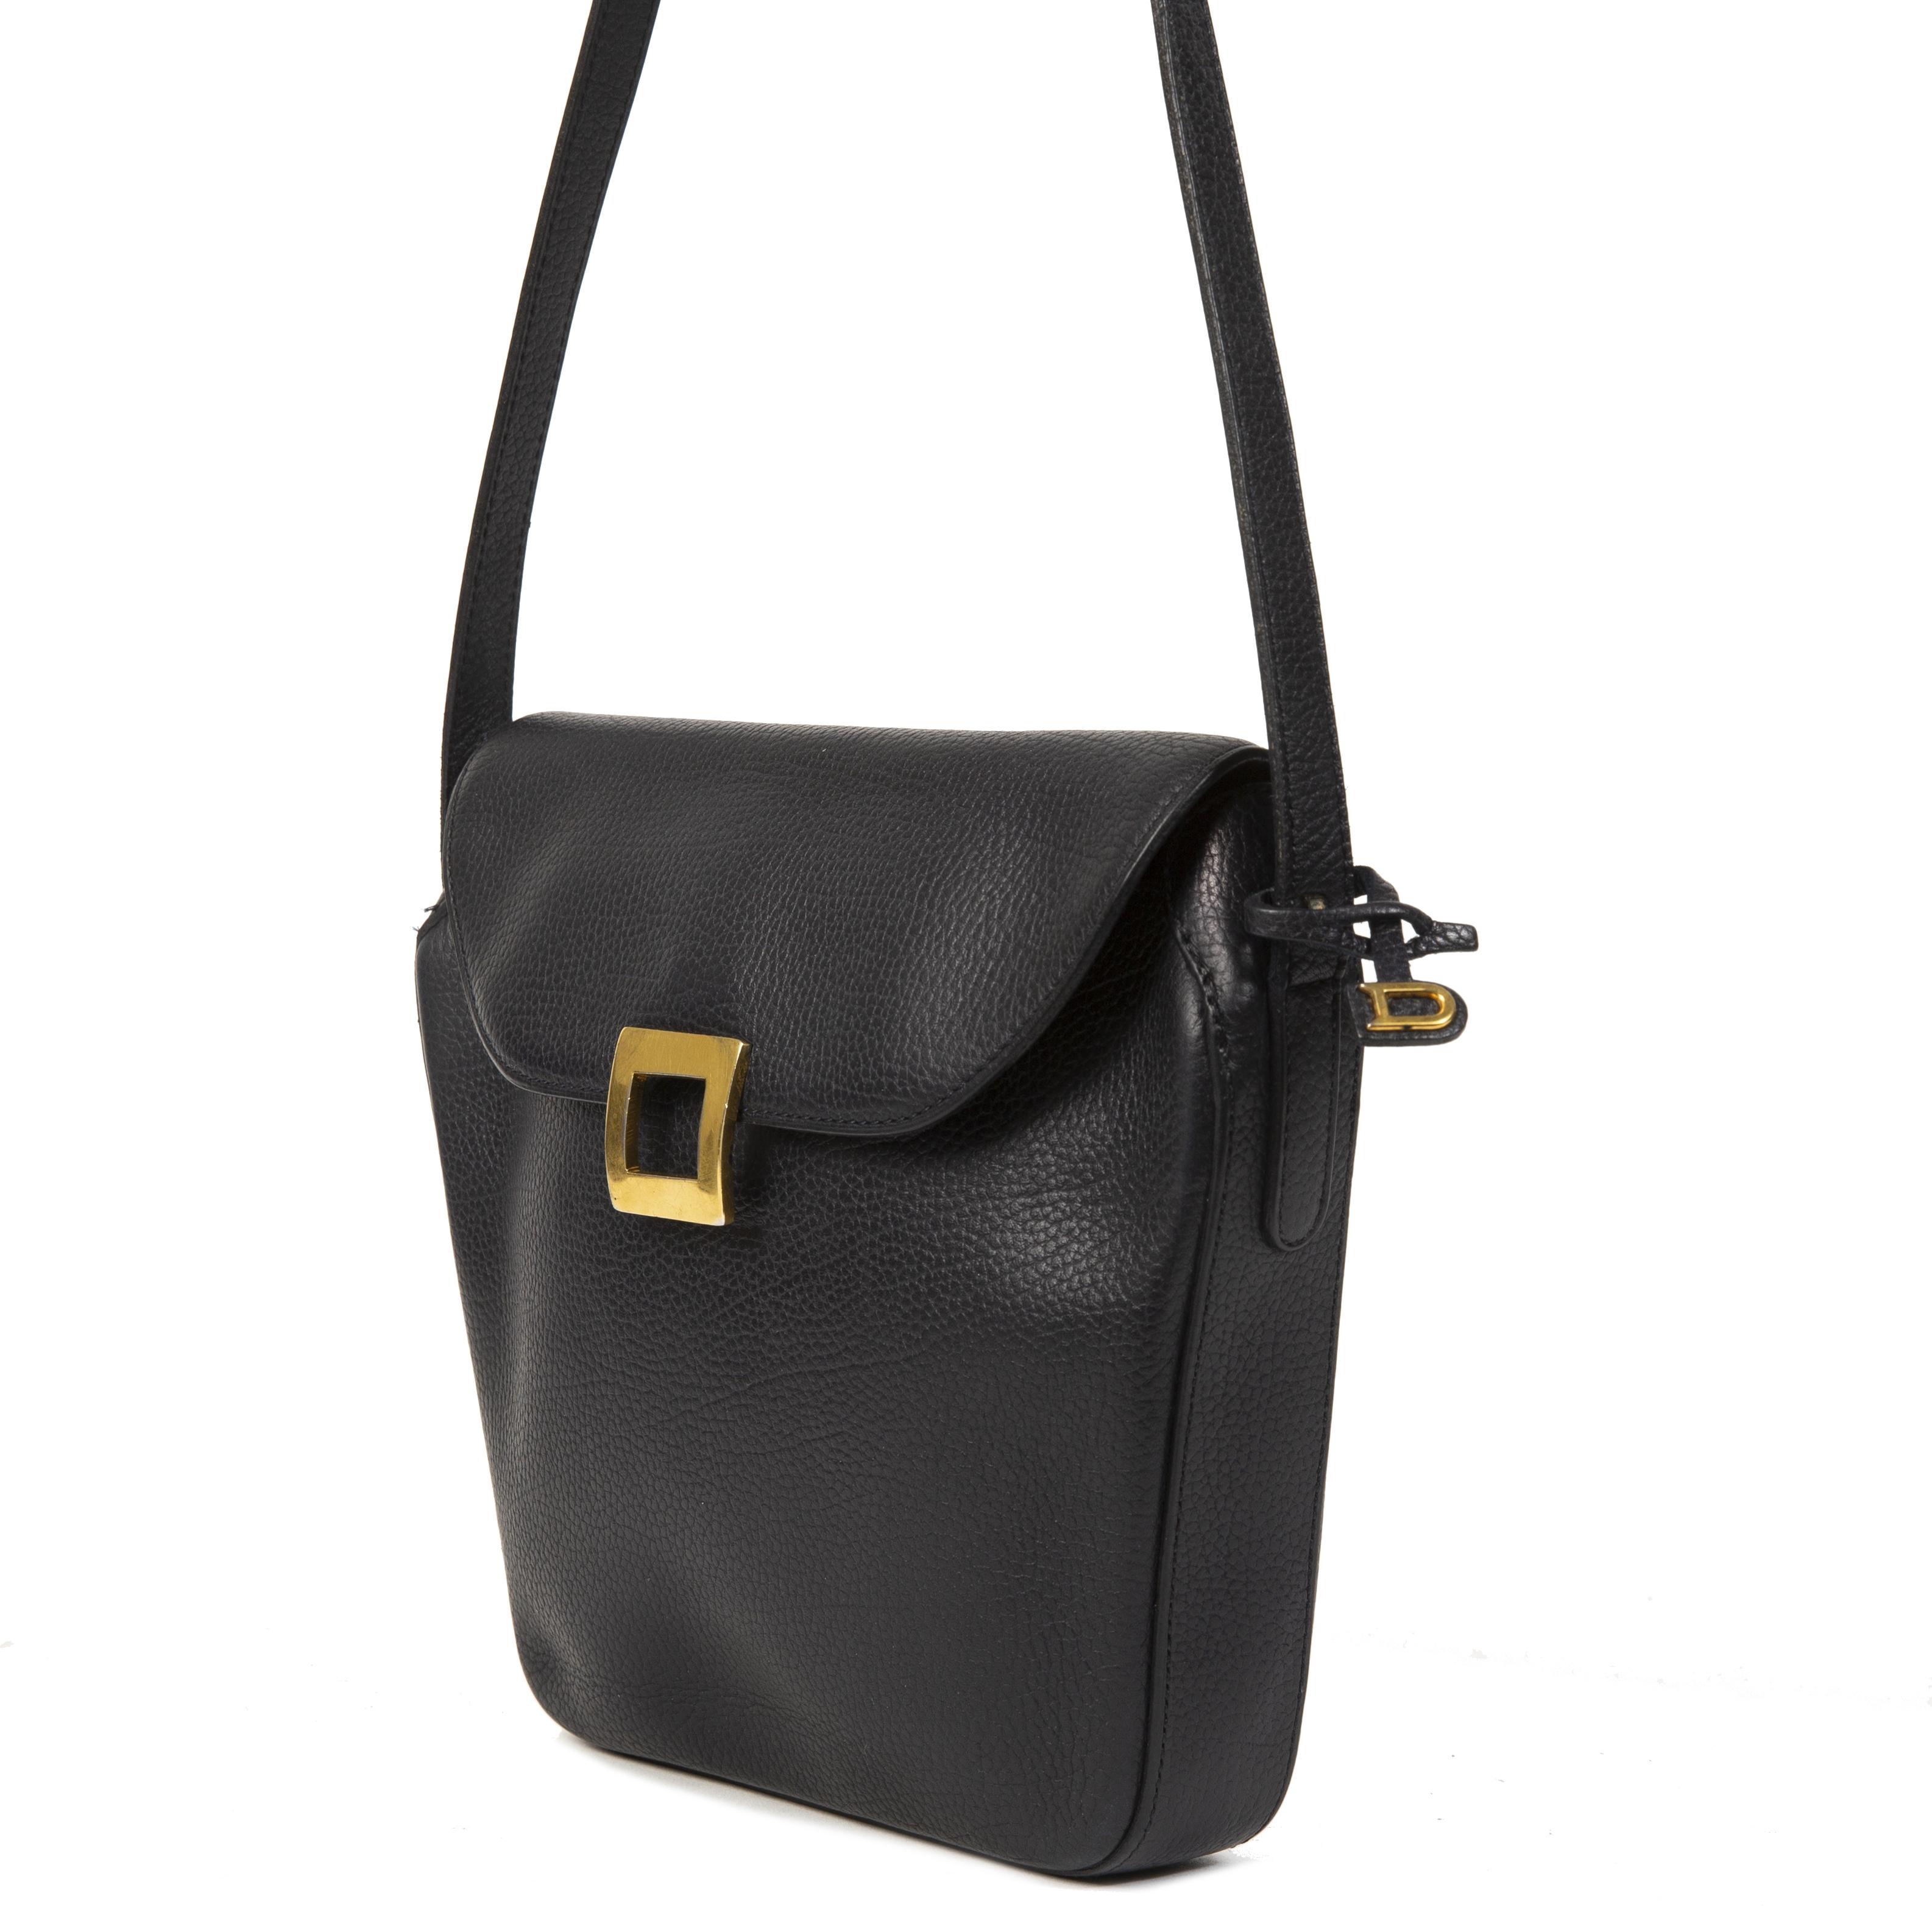 Authentieke Tweedehands Delvaux Dark Blue Leather Crossbody Bag juiste prijs veilig online shoppen luxe merken webshop winkelen Antwerpen België mode fashion